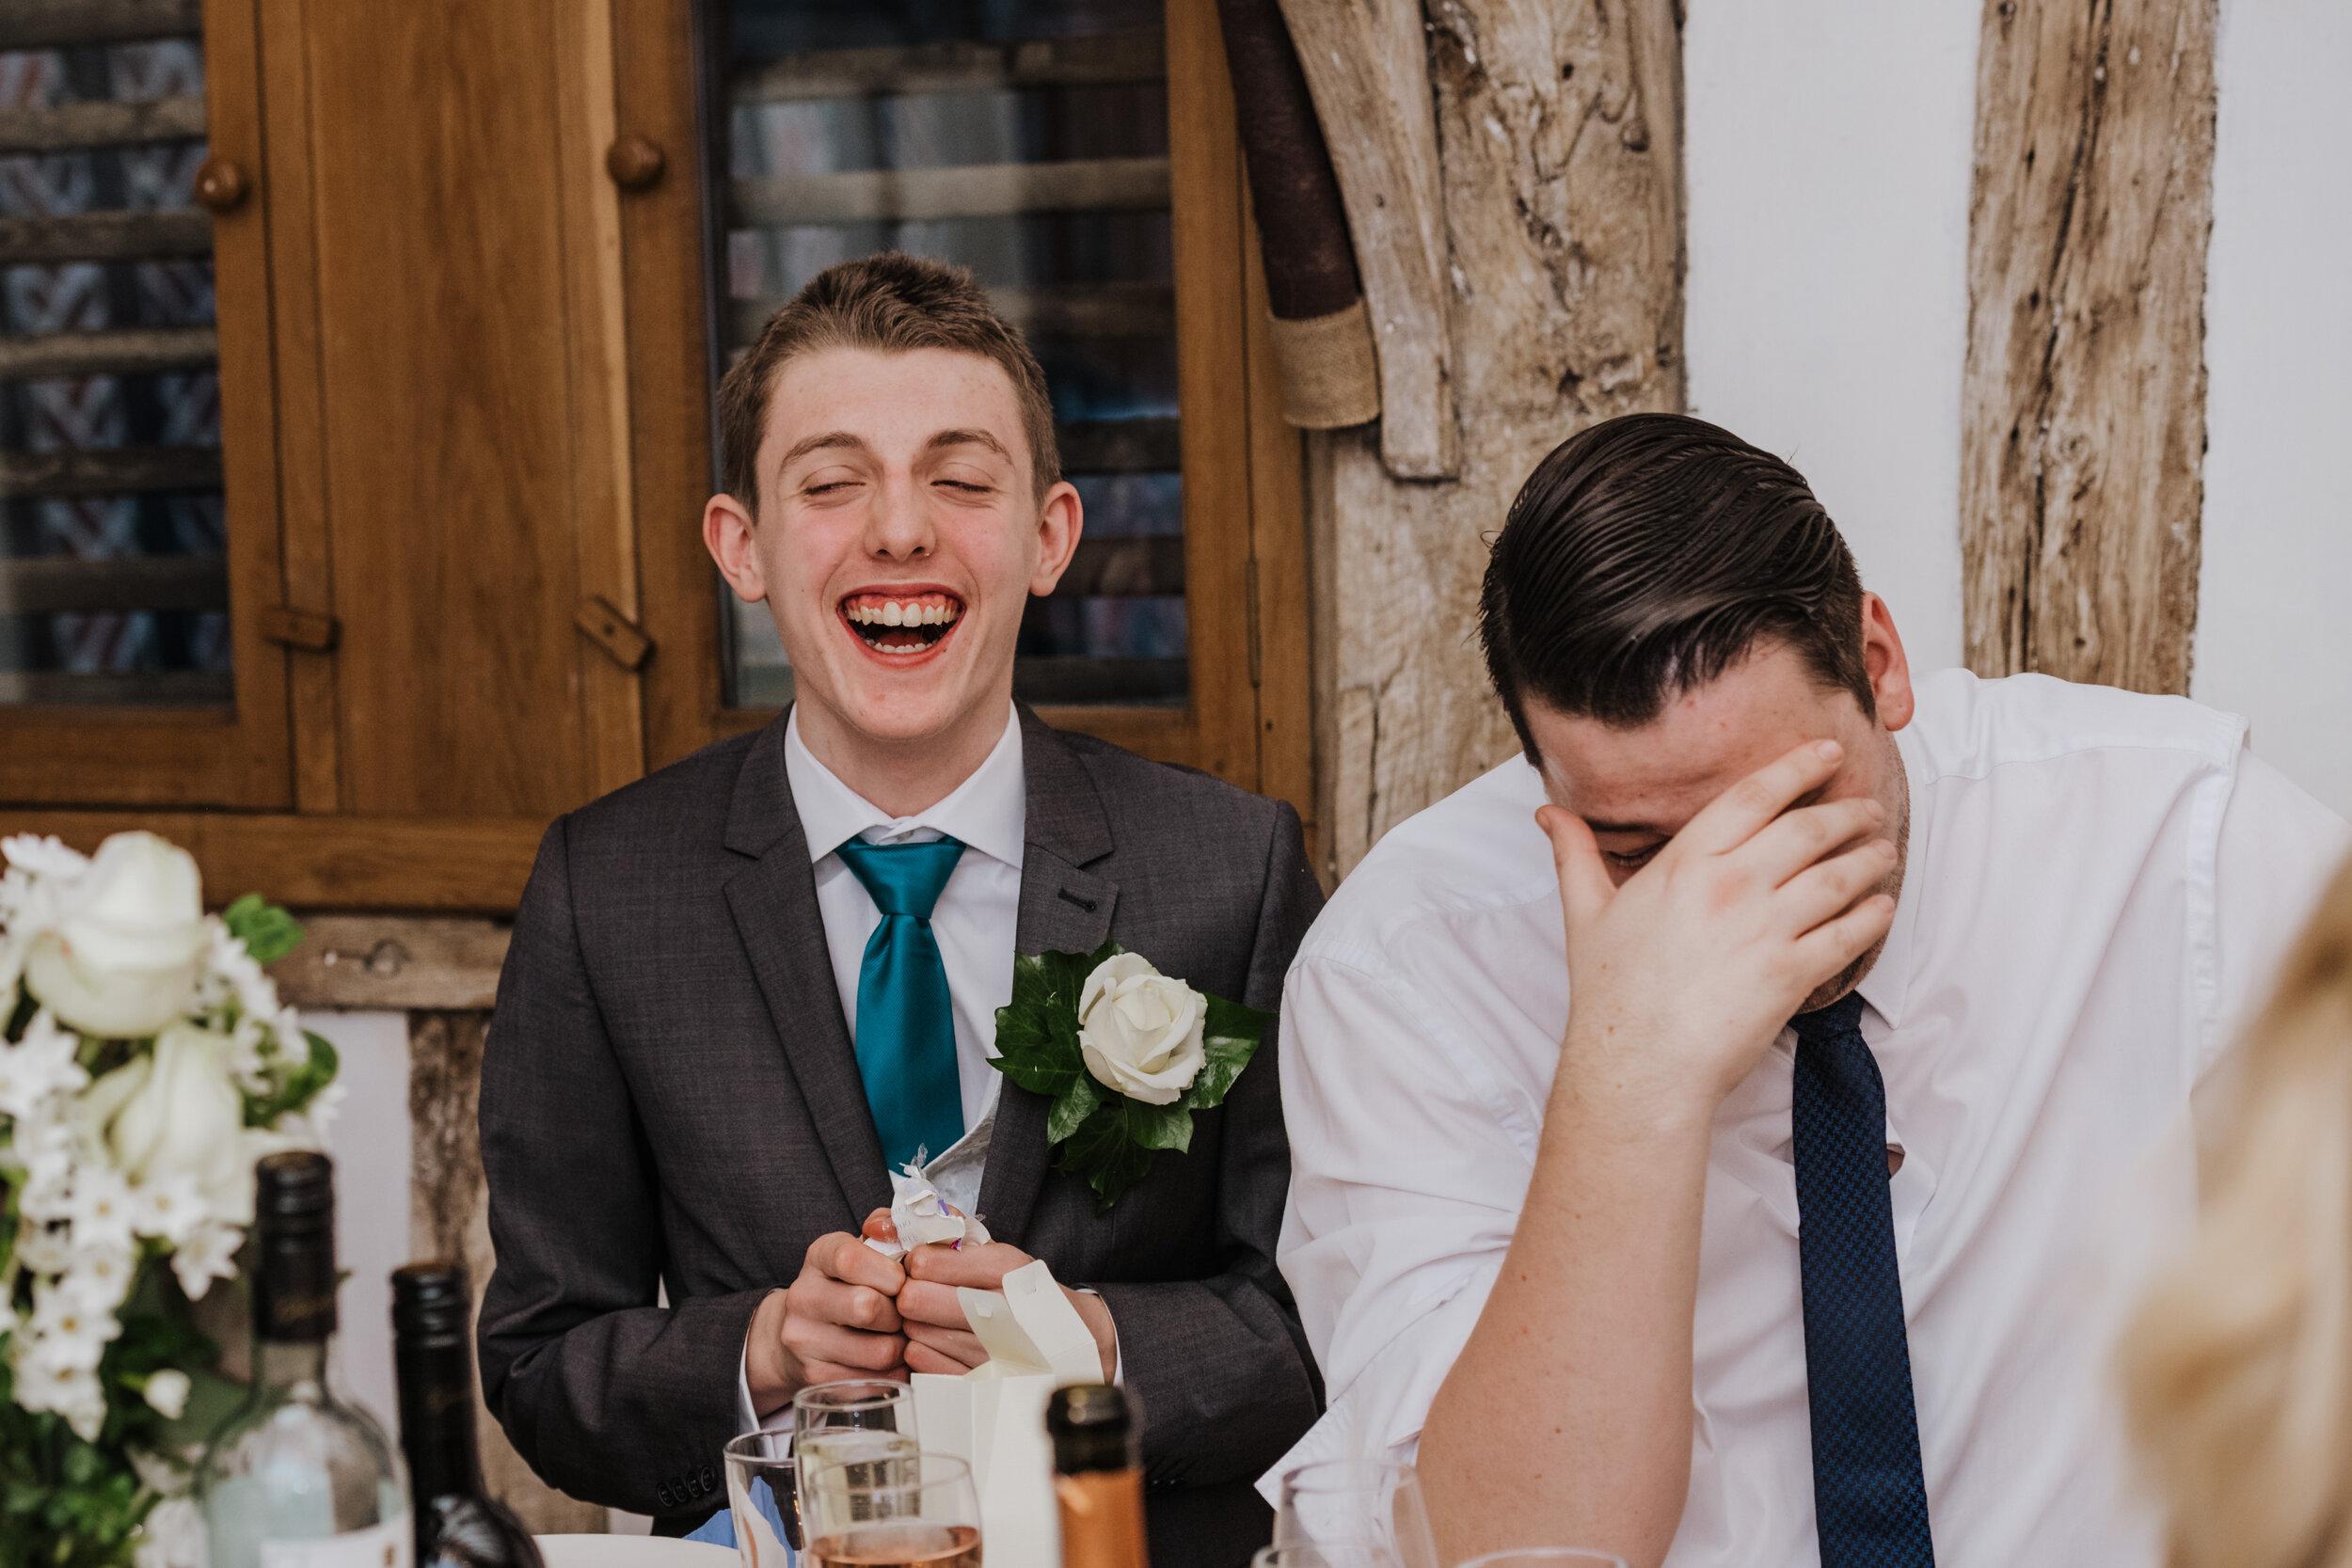 SUFFOLK_WEDDING_PHOTOGRAPHY_ISAACS_WEDDING_VENUE_WEDDINGPHOTOGRAPHERNEARME_iPSWICHWEDDINGPHOTOGRAPHER (67).jpg